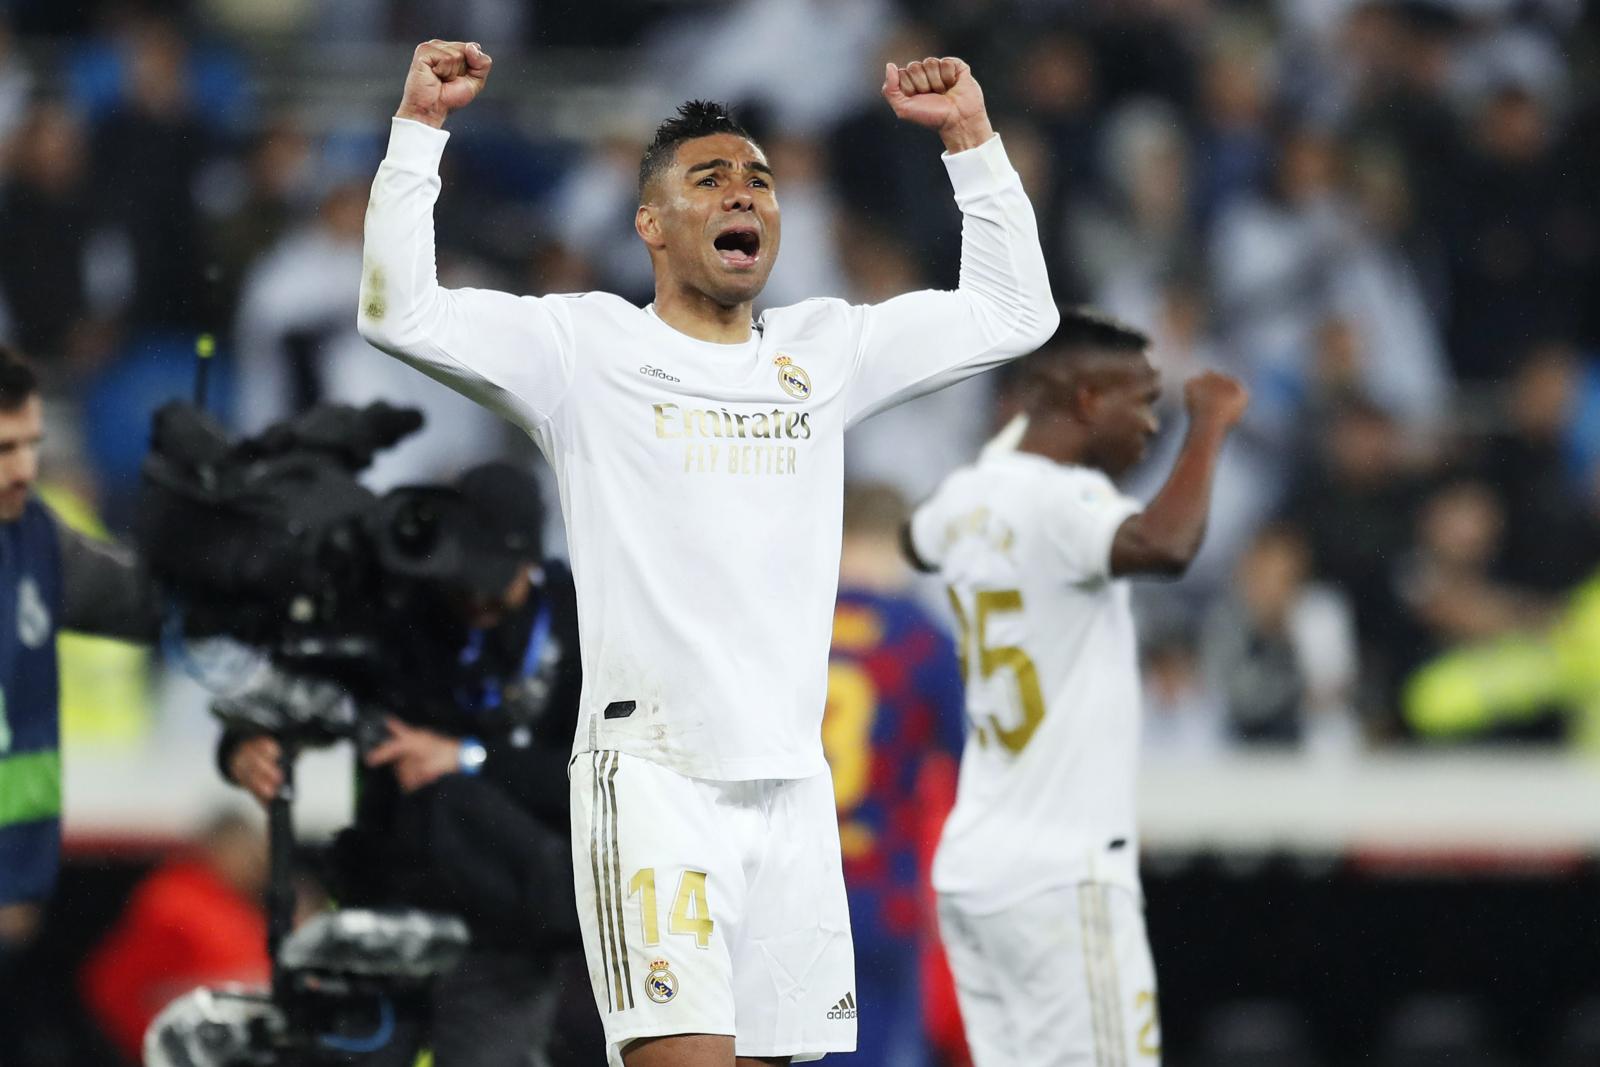 Гранада — Реал Мадрид: прогноз на матч 36-го тура Ла Лиги